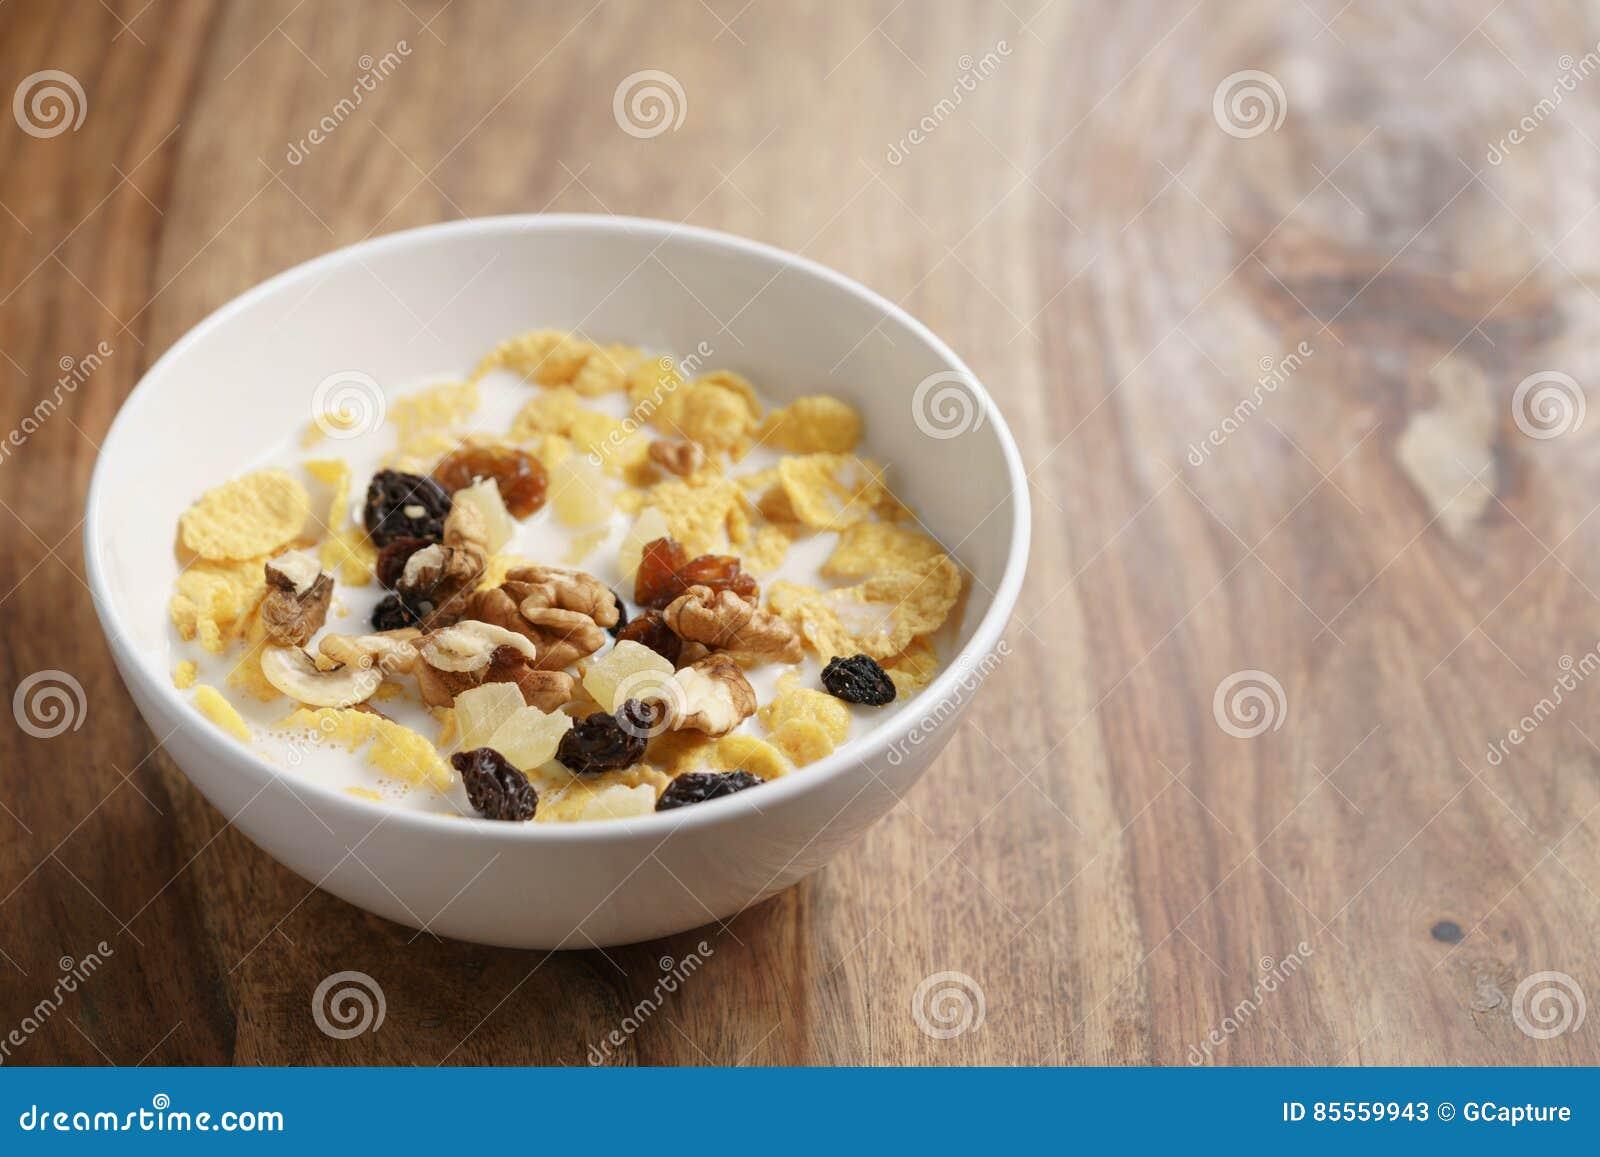 Corn Flakes mit Früchten und Nüssen in der weißen Schüssel auf hölzerner Tabelle mit Kopienraum